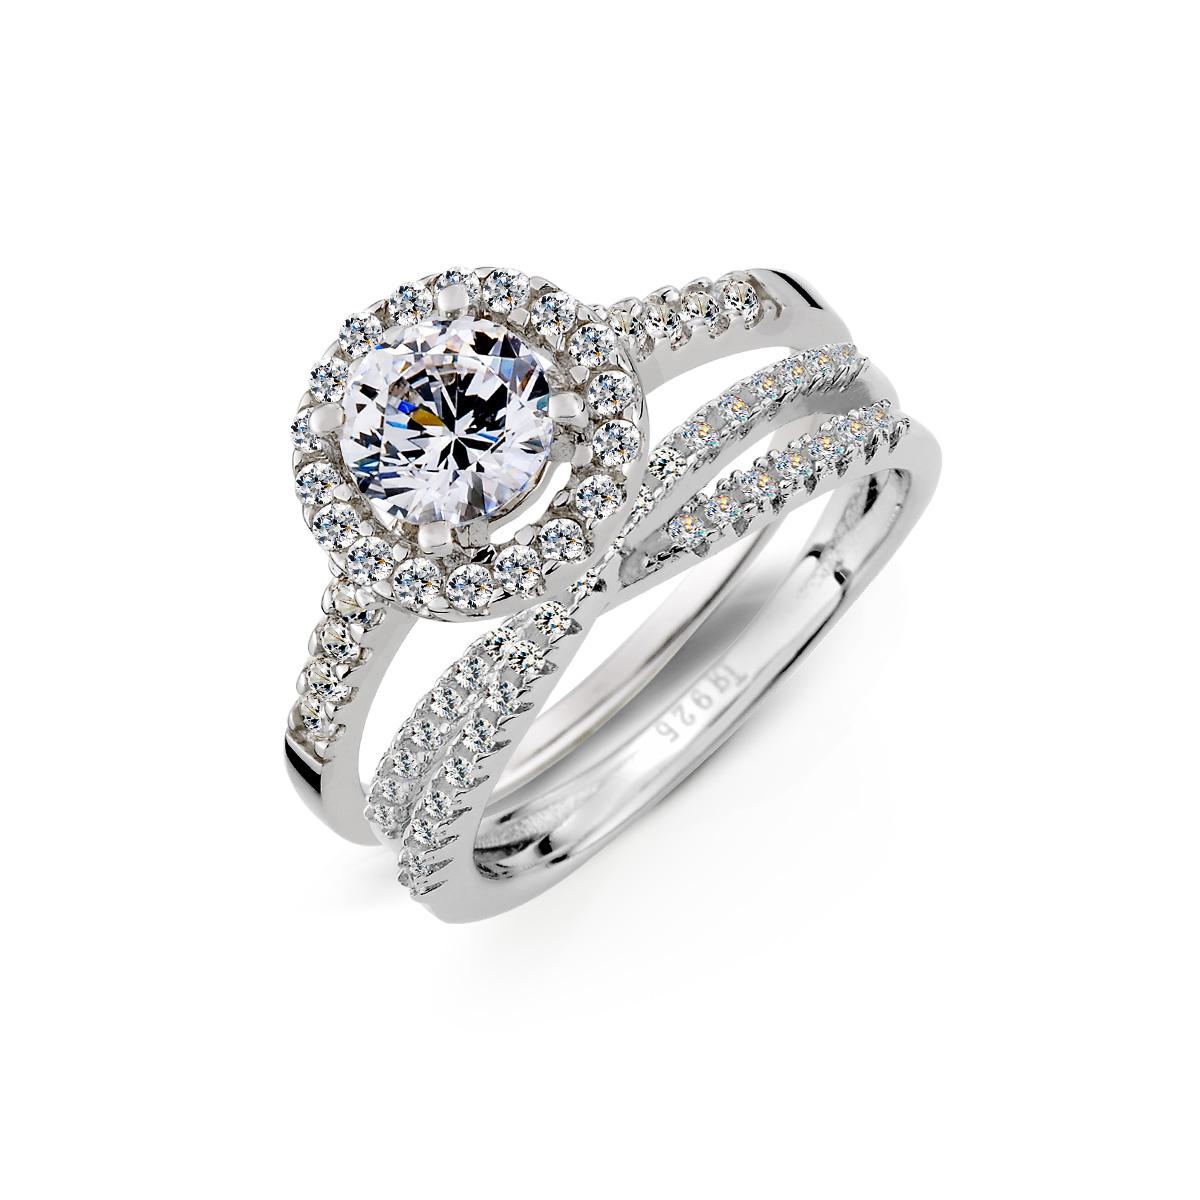 KSV123 奢華幸福溫度組合戒指